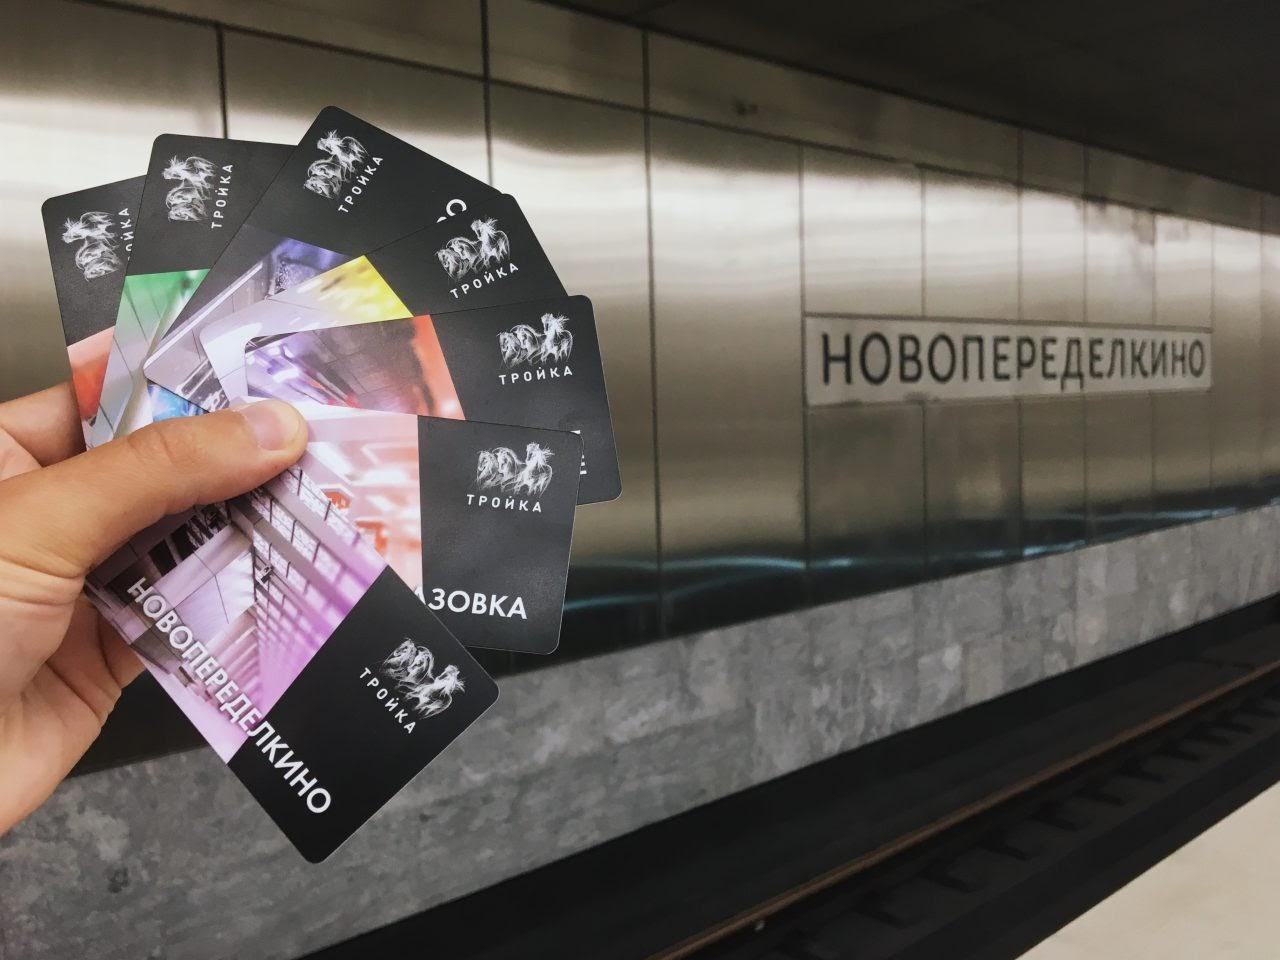 Пройти в метро с помощью Google Pay еще проще! - Единый Транспортный Портал